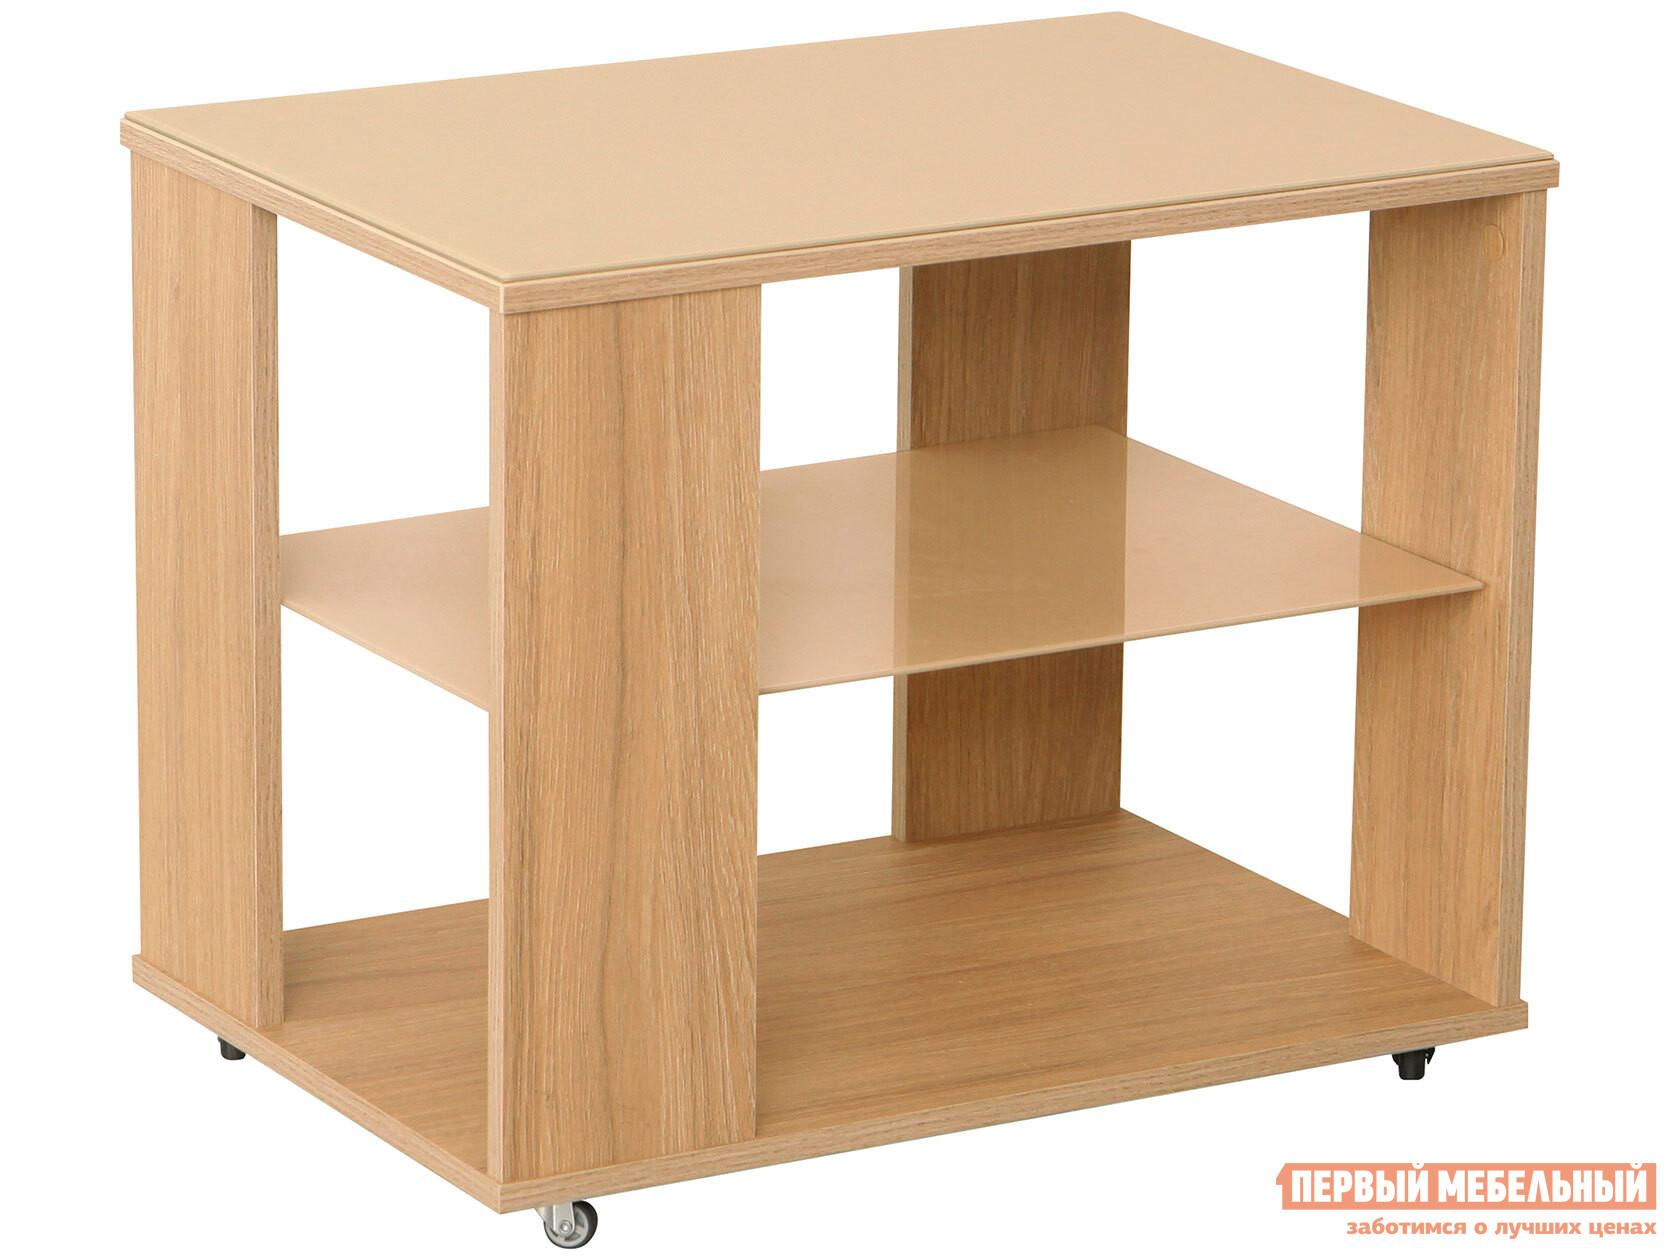 Журнальный столик Первый Мебельный Столик журнальный Дуэт